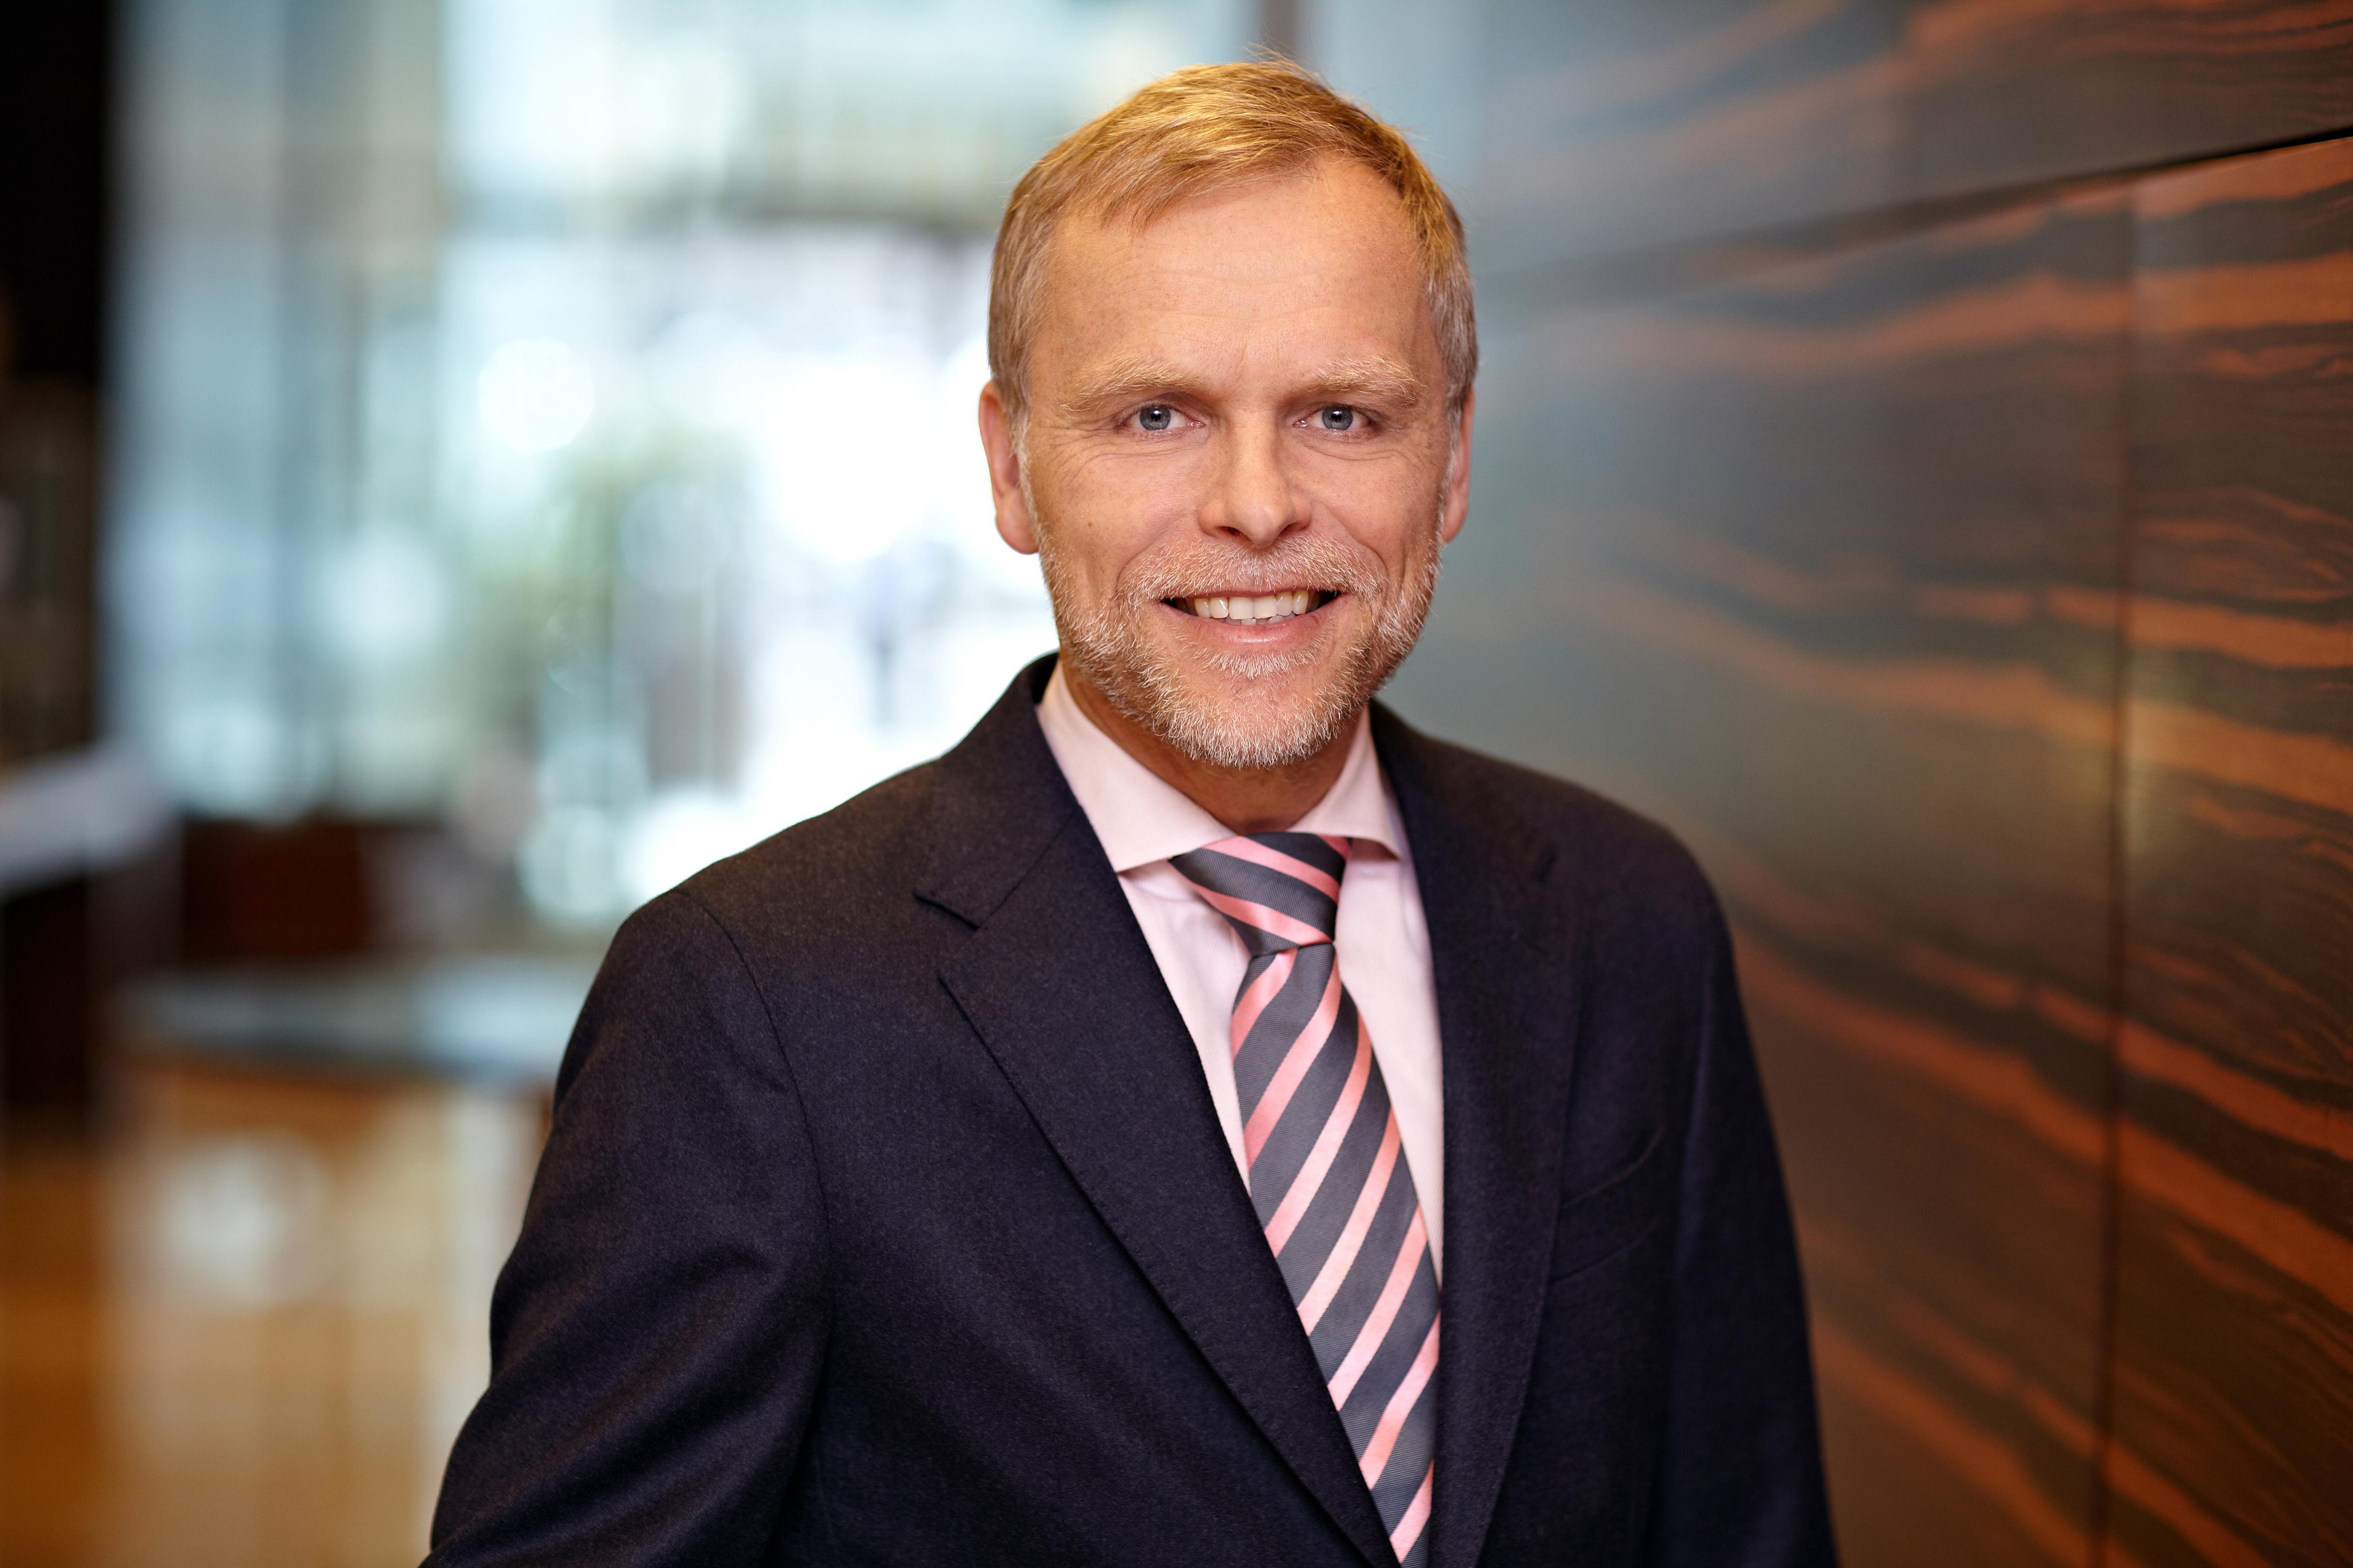 Joerg Kowalewski